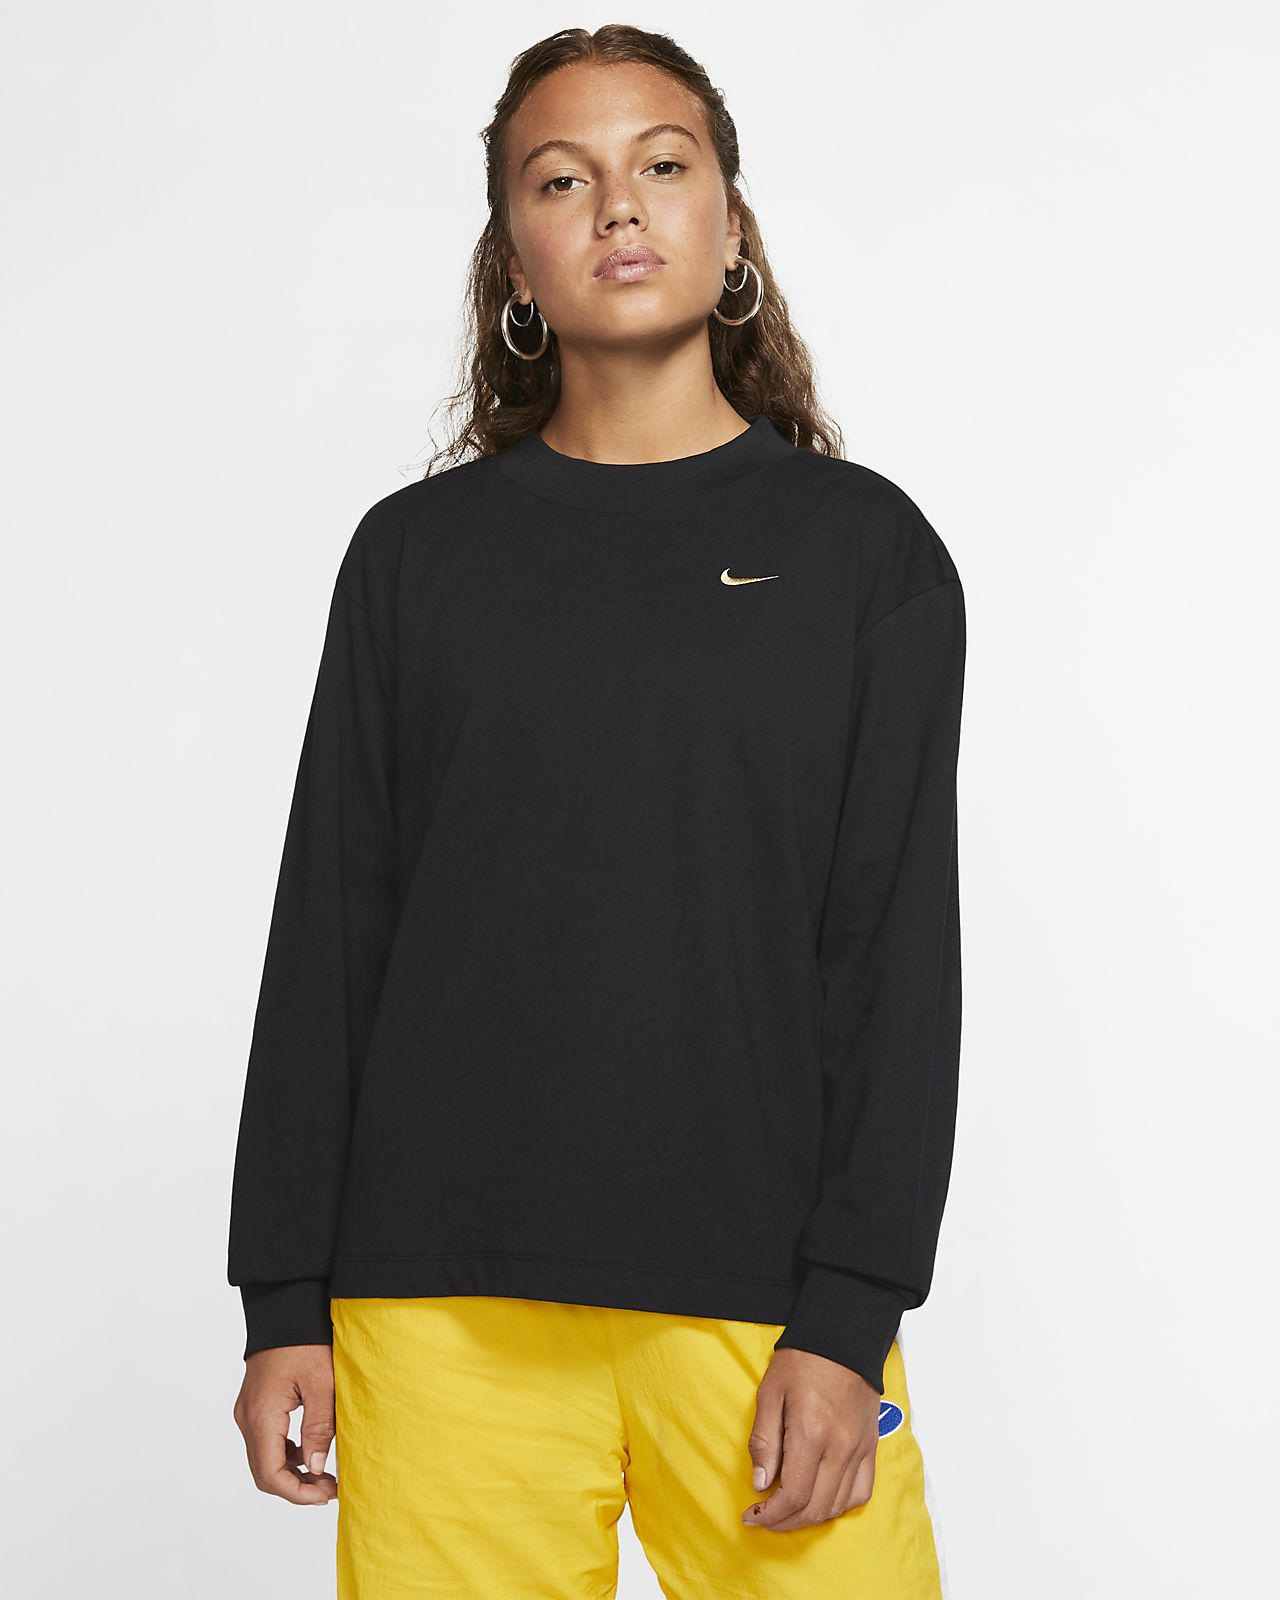 Haut à manches longues Nike Sportswear Essential pour Femme